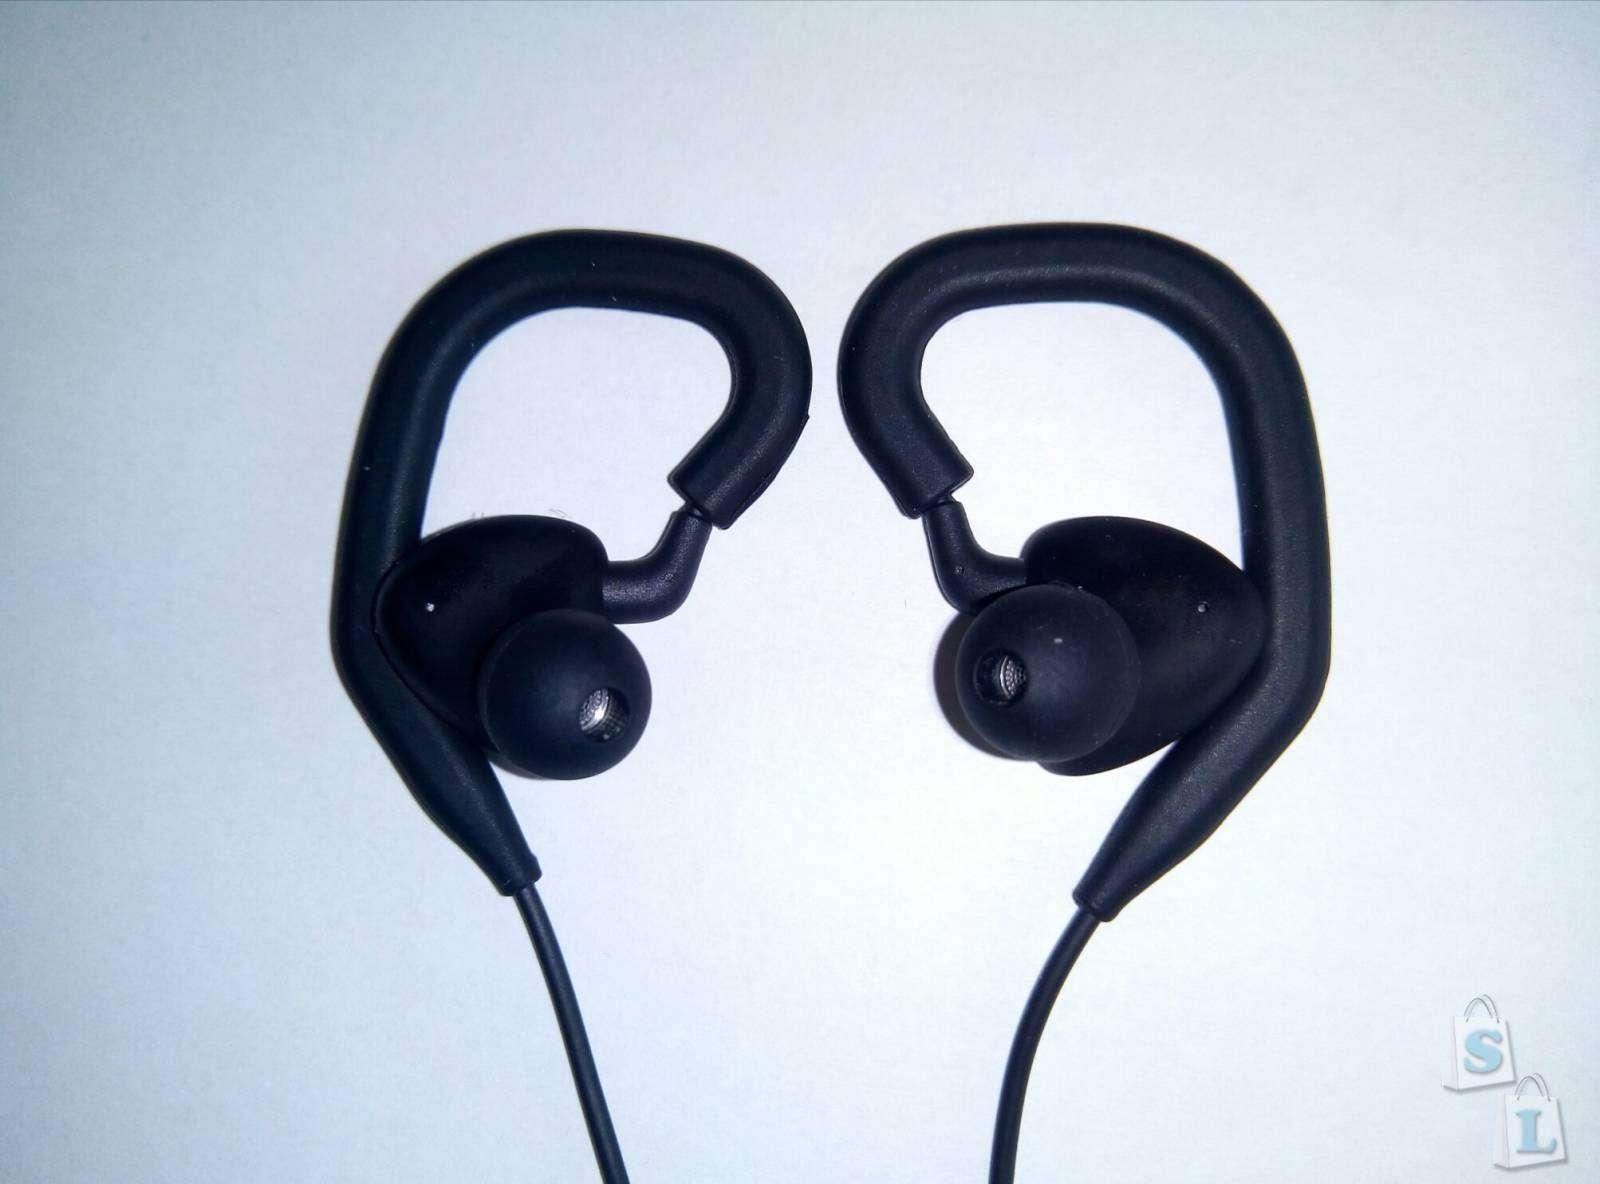 PenonAudio: Обзор наушников PMV A-01. Хорошие гибриды, смониторнымзвуком.